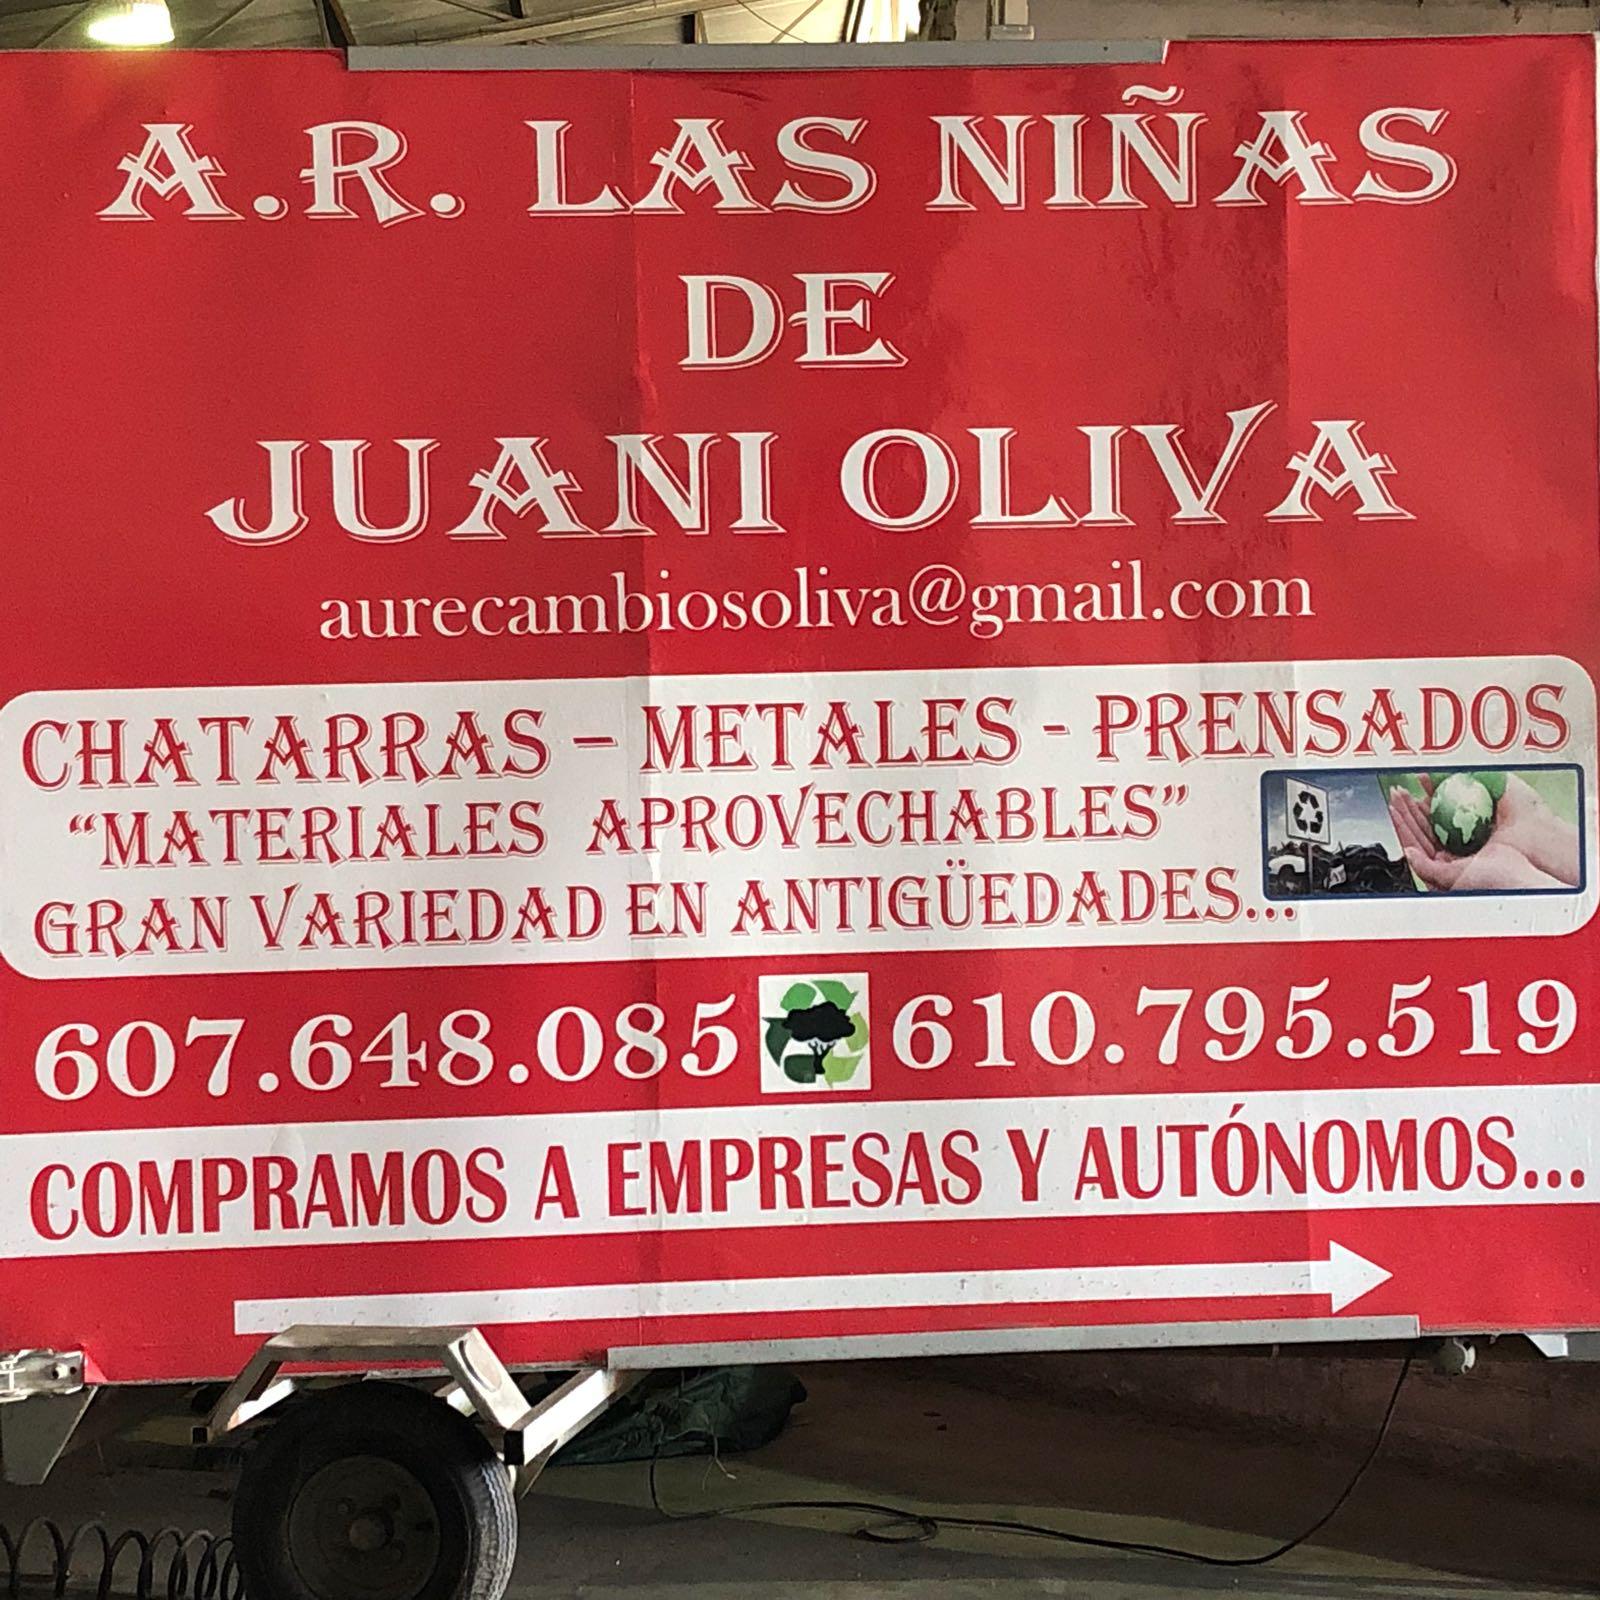 Autorecambios La Niña Oliva